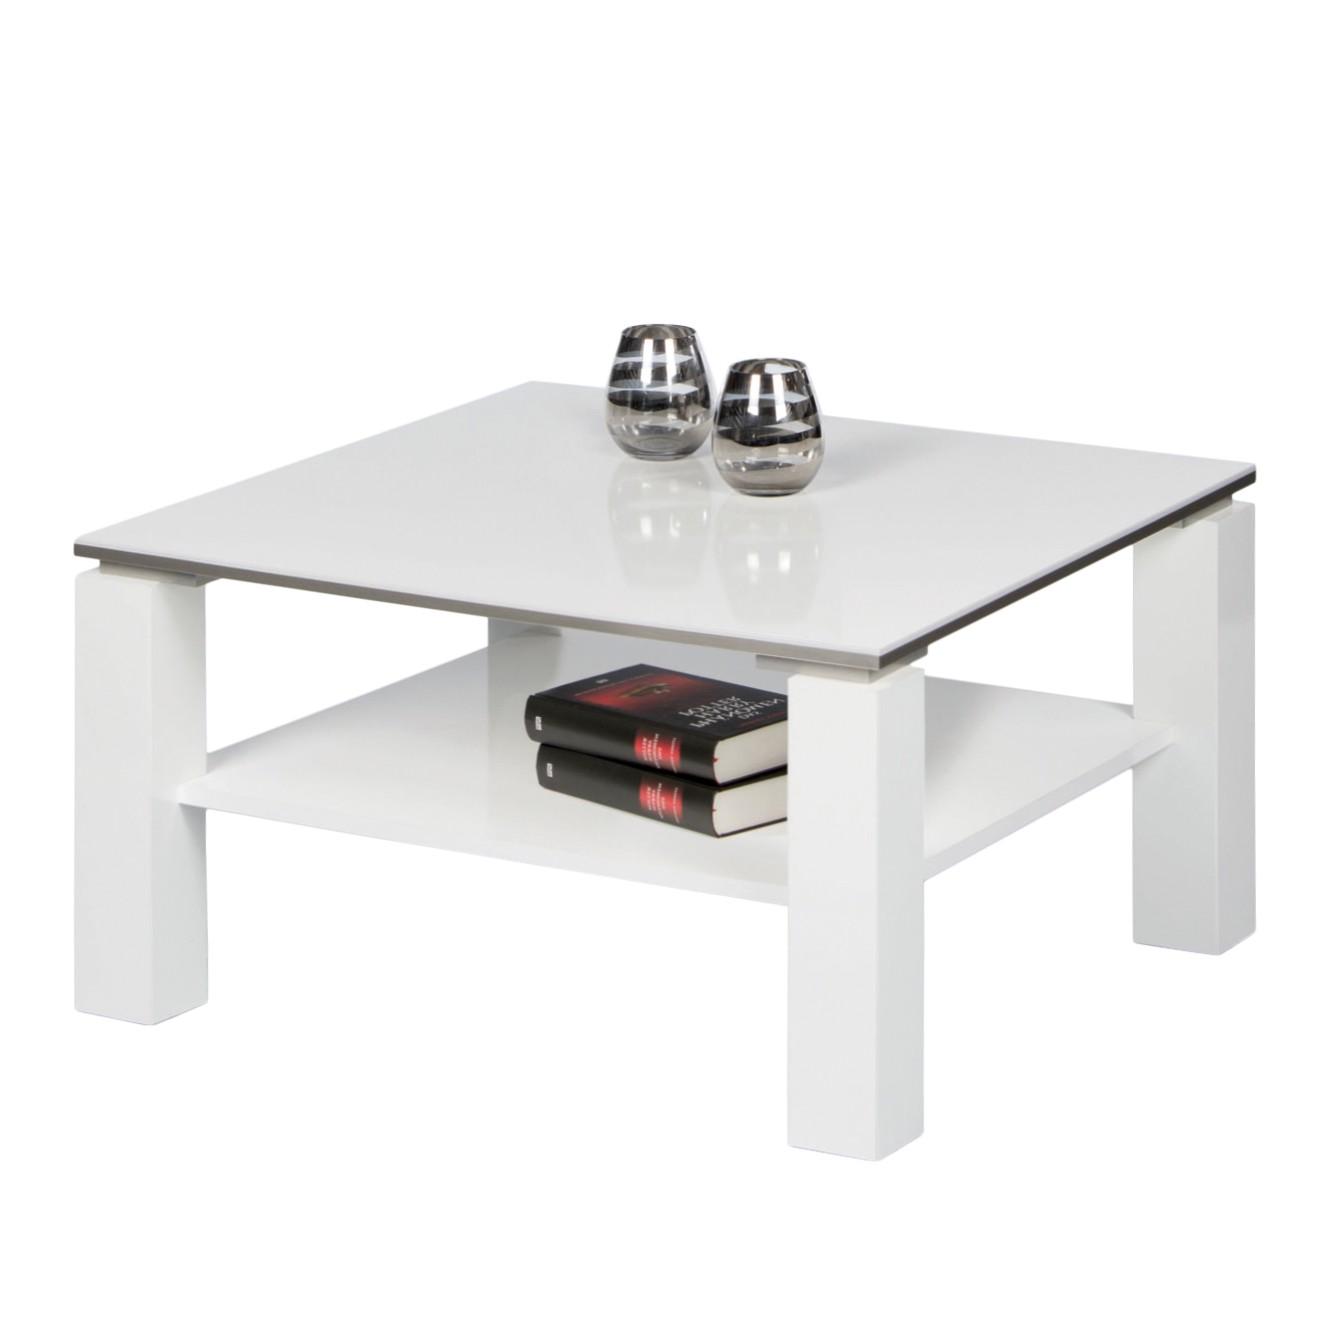 Couchtisch Vidora Hochglanz Weiß 75 X Cm Beistelltisch Couch Tisch